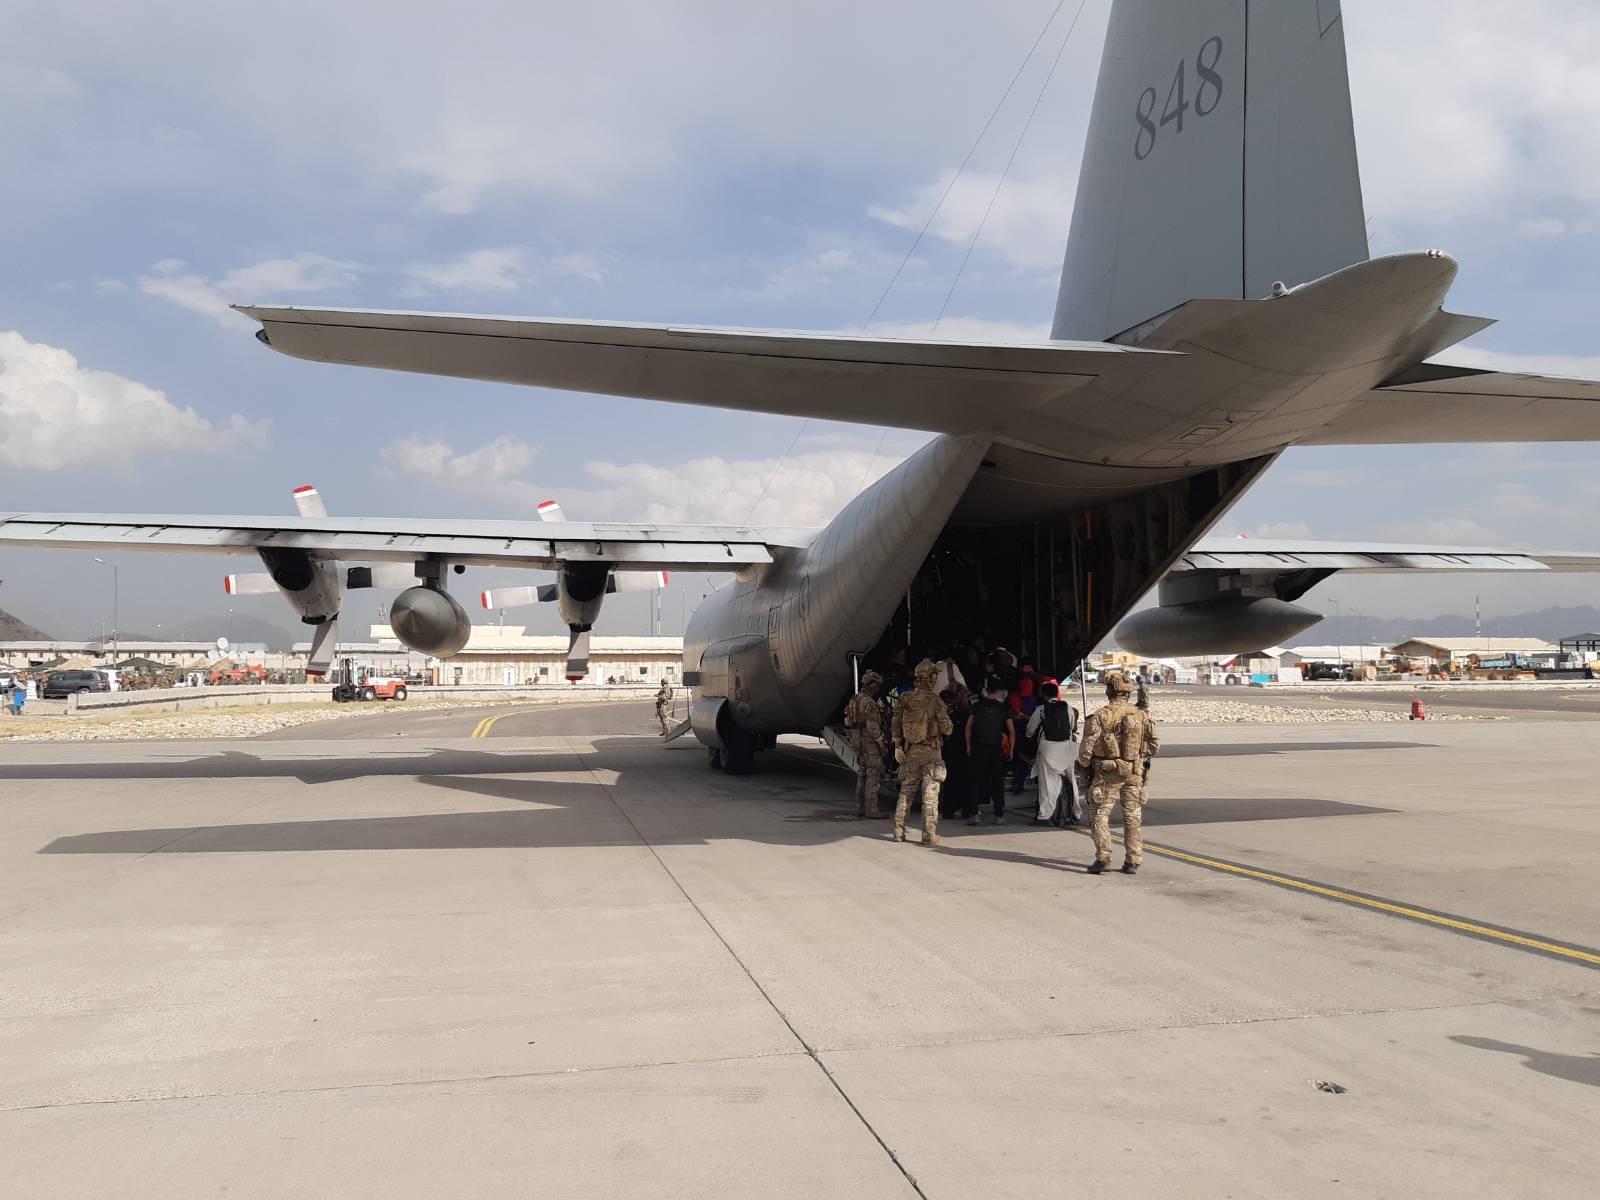 Svenska försvarsmaktens Hercules 848 på Kabuls flygplats.